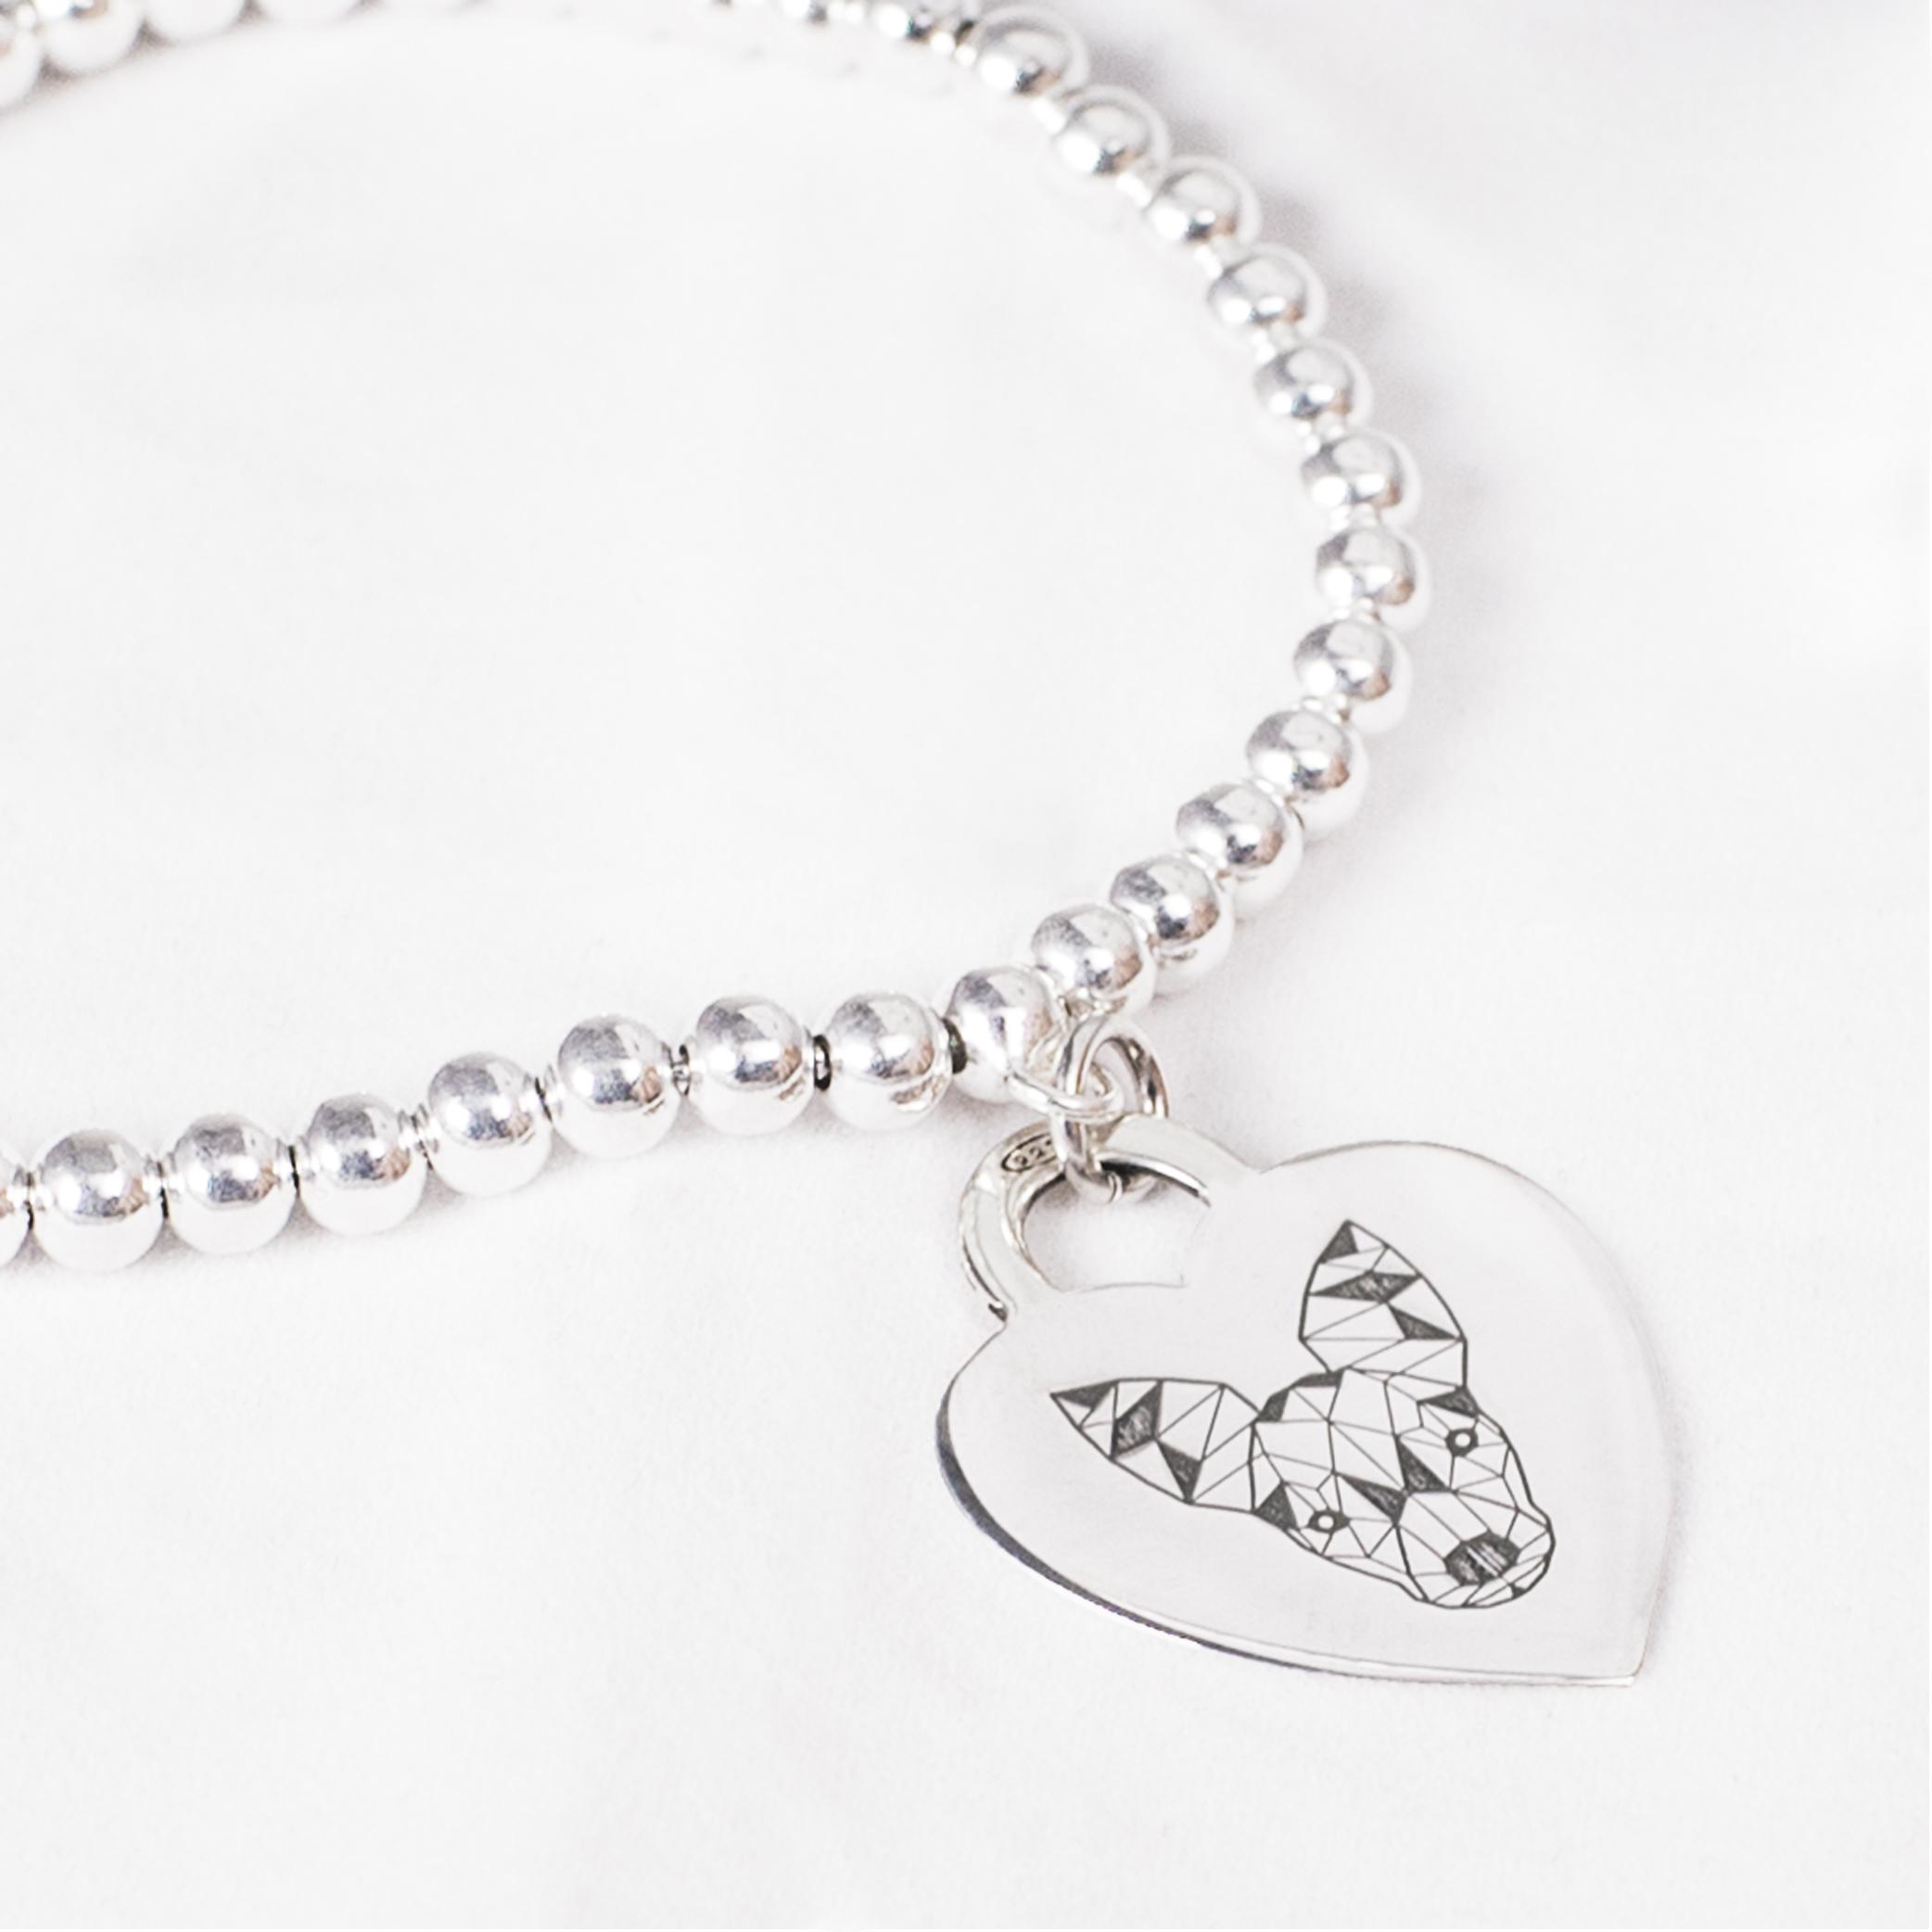 Bracciale_con_medaglietta cuore in argento con Pinscher